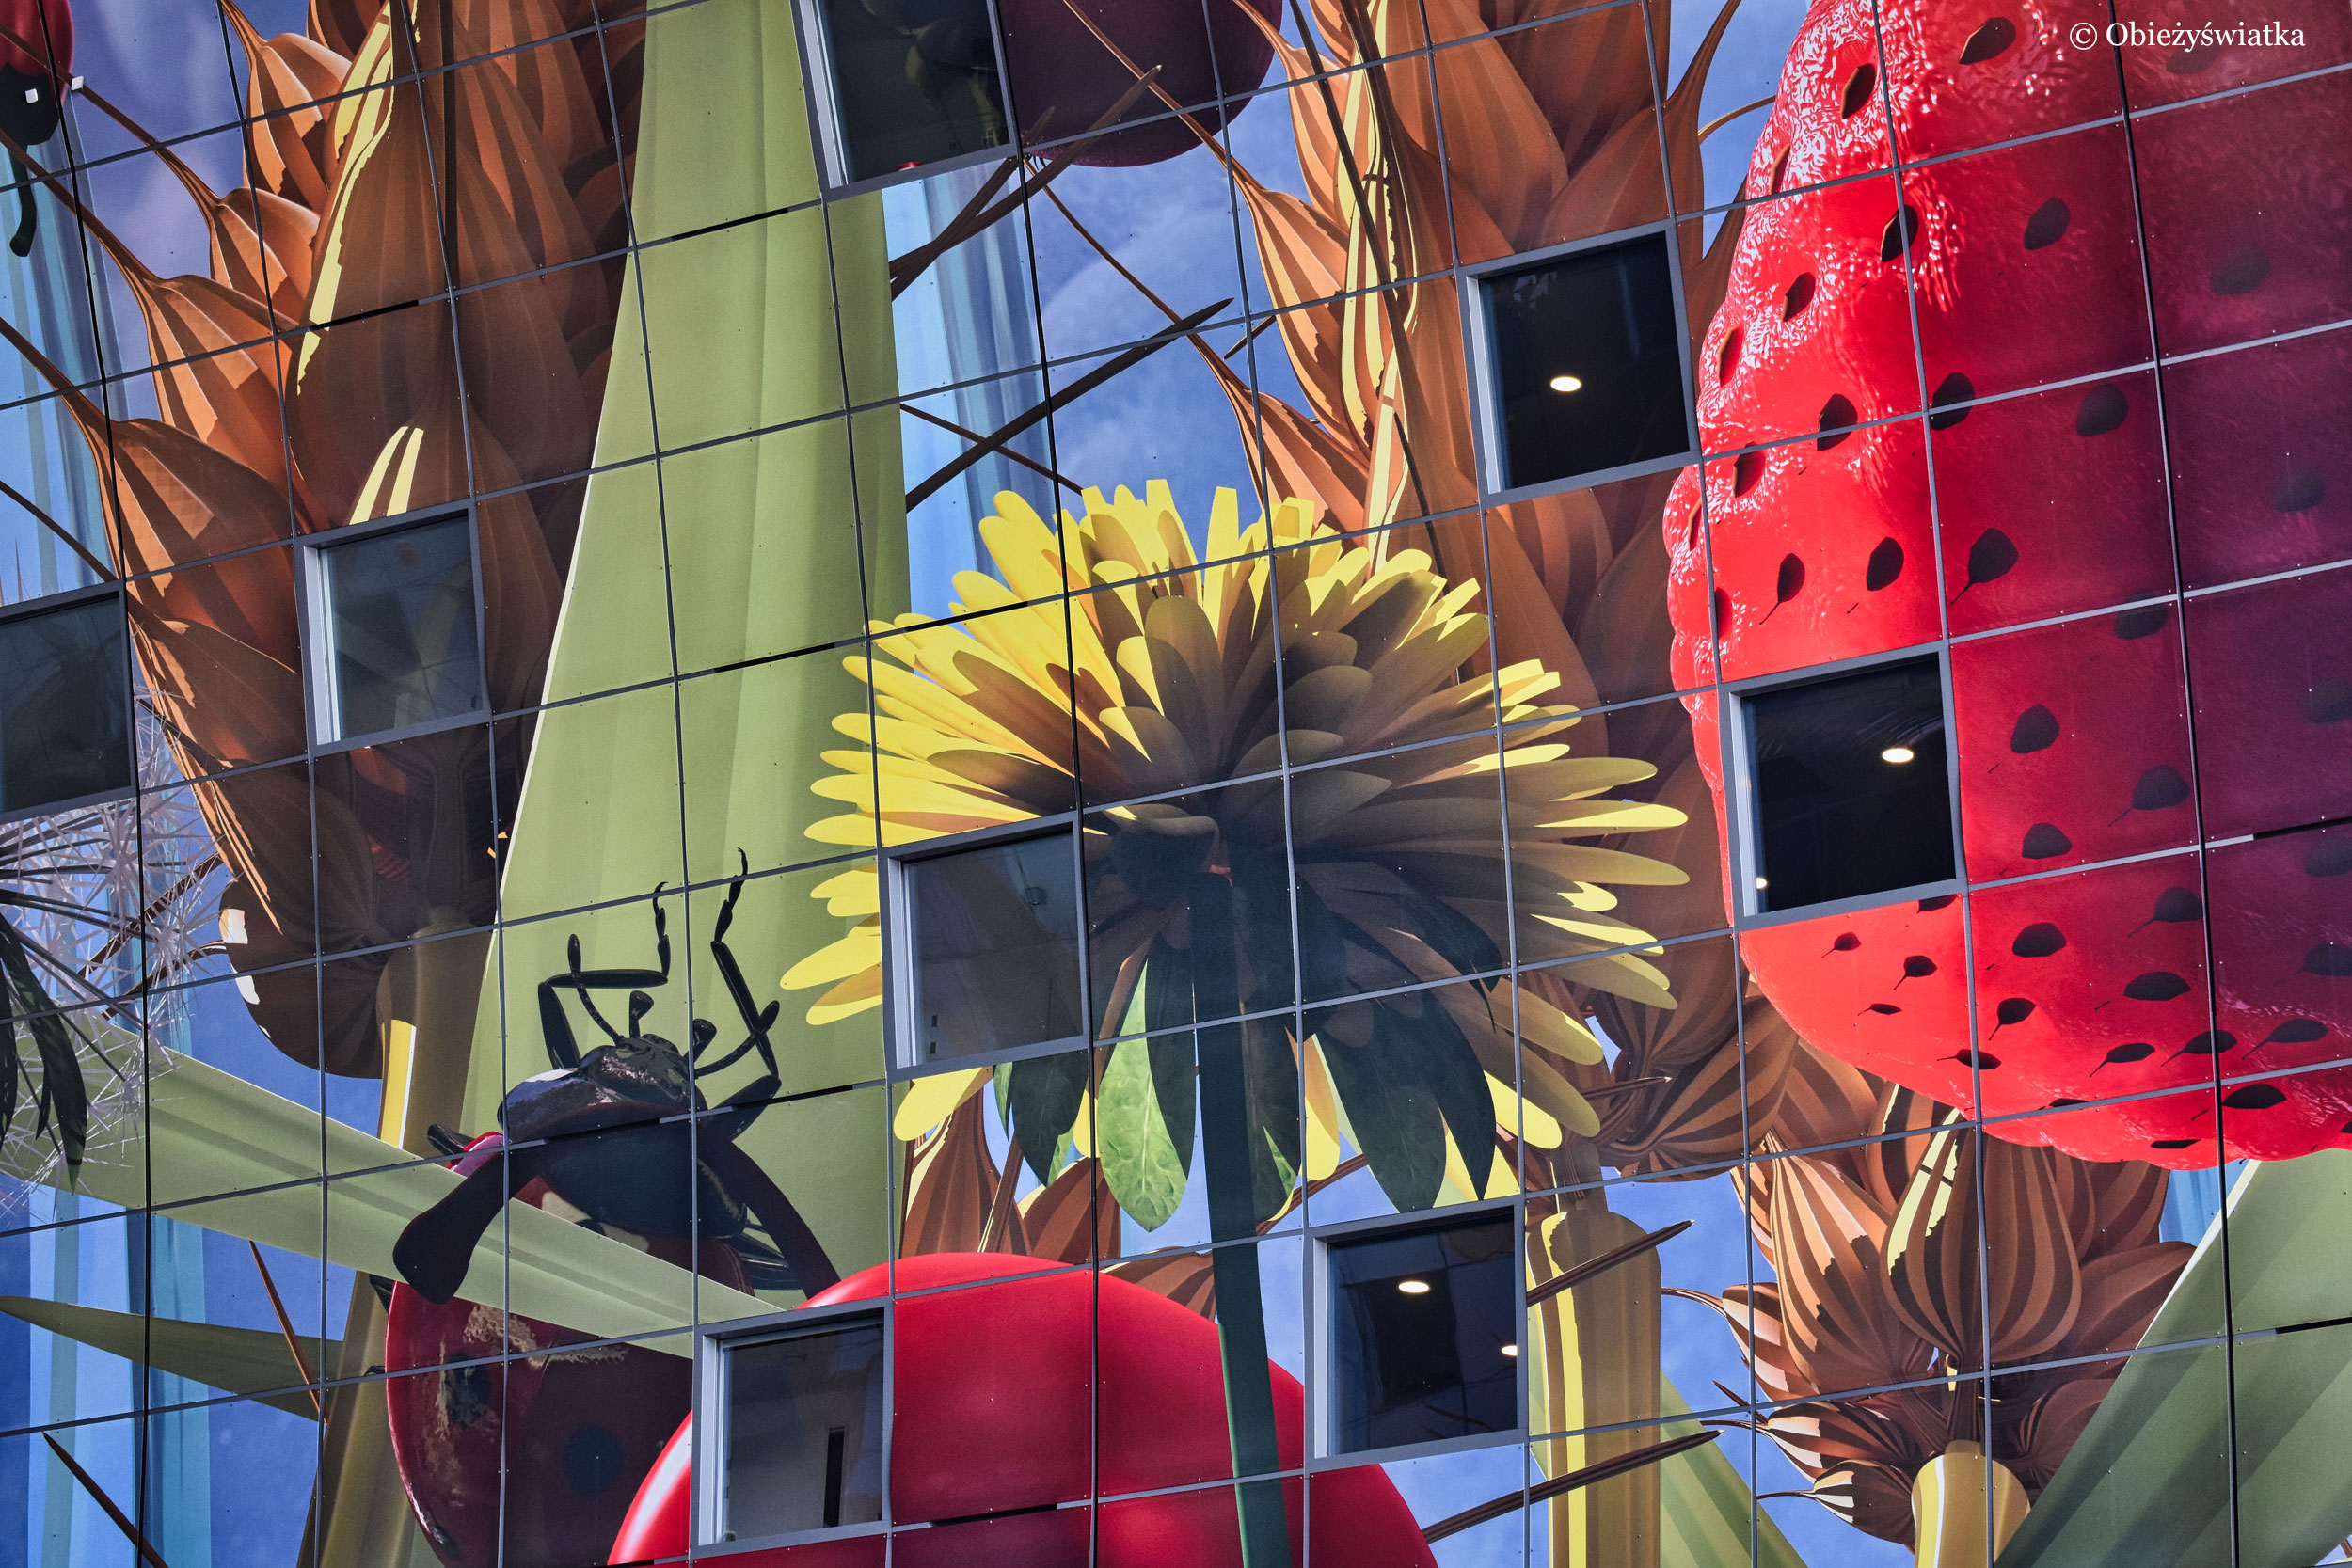 Piękne malowidła w Hali Targowej w Rotterdamie